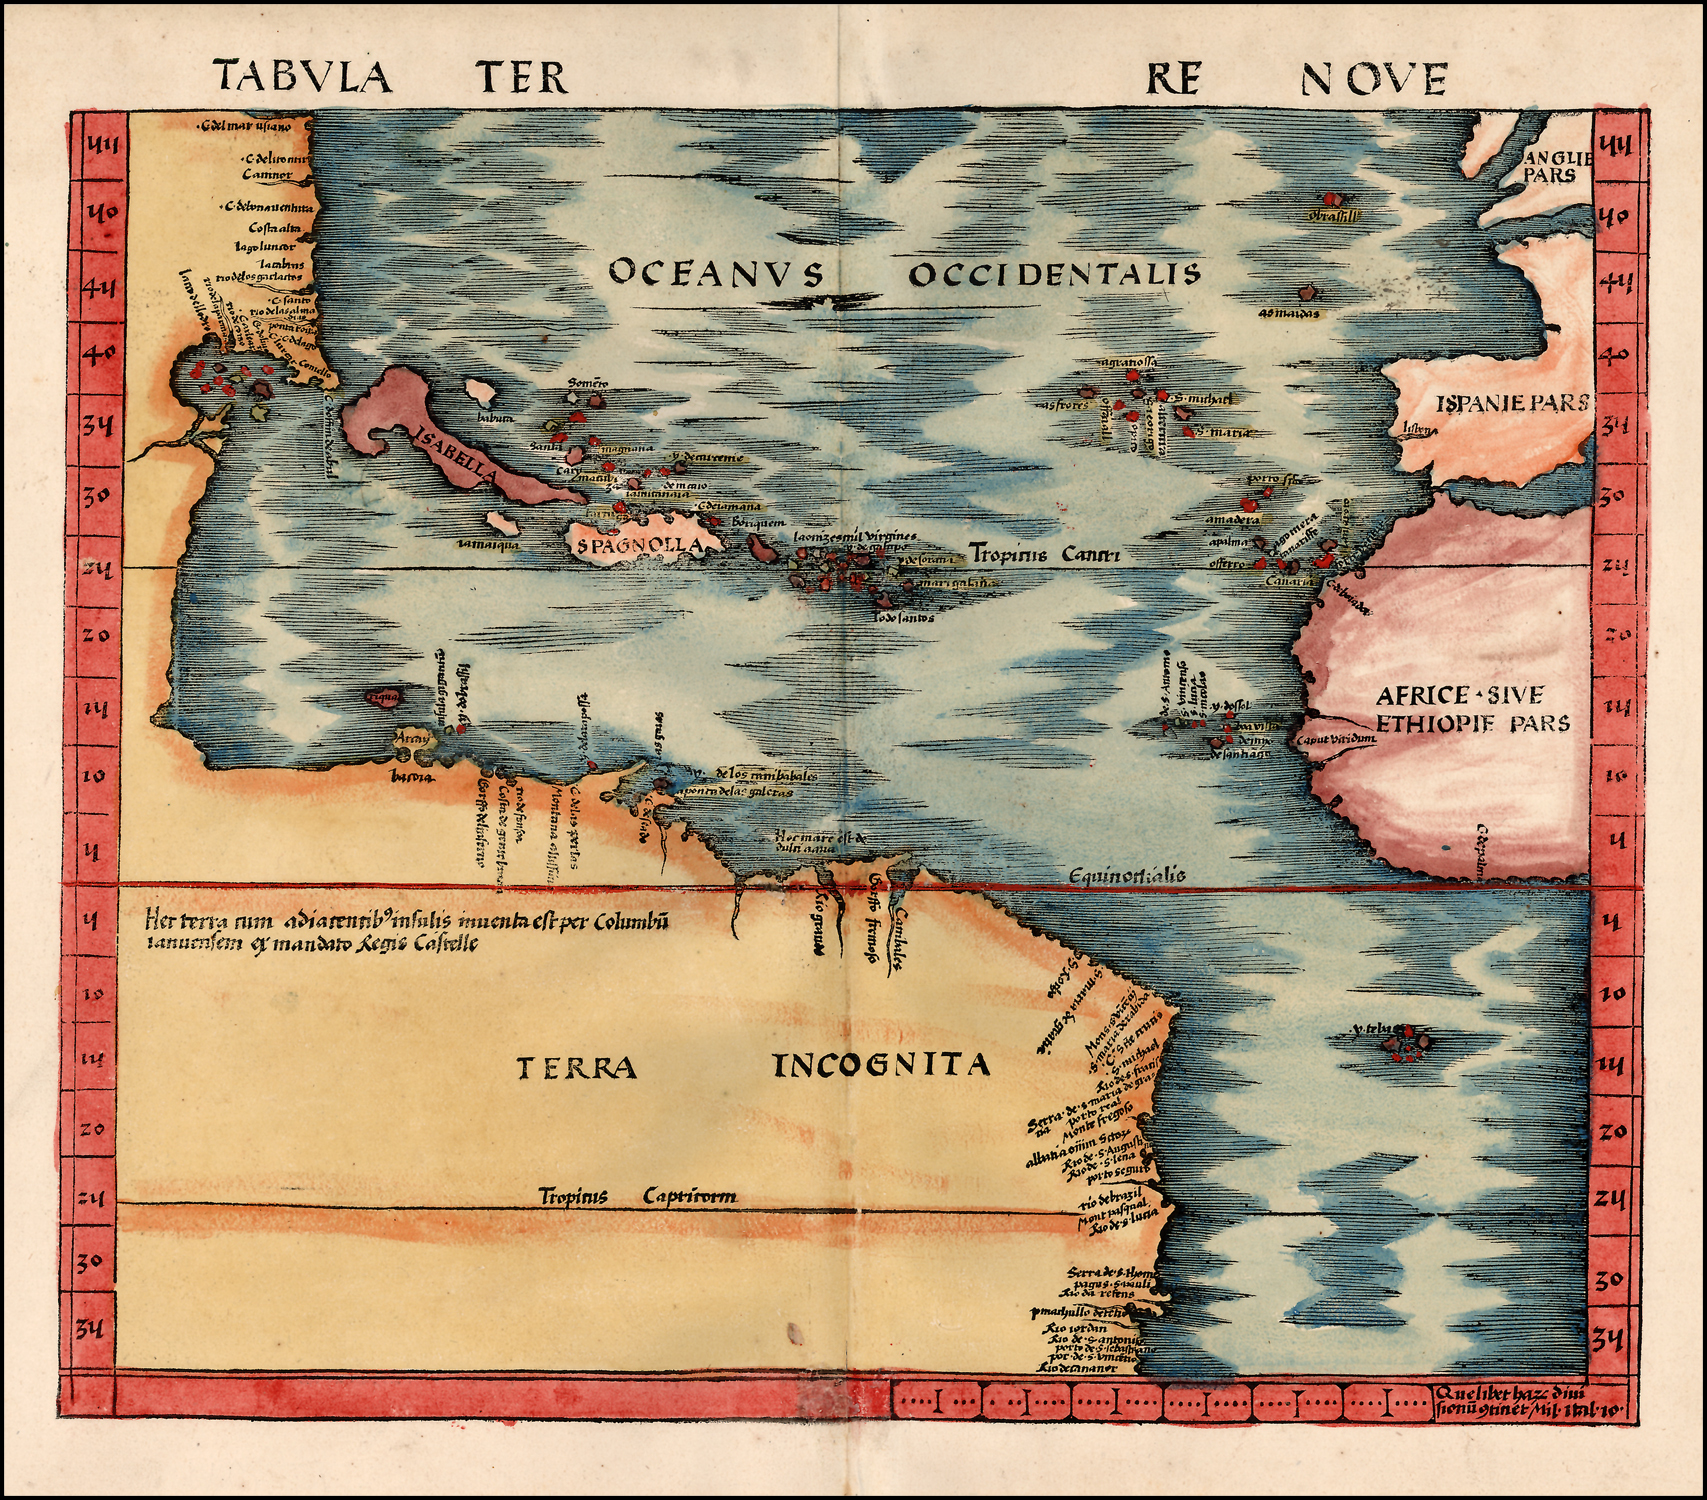 El mapa de Amrica Descubrimiento y exploracin  Valdeperrilloscom